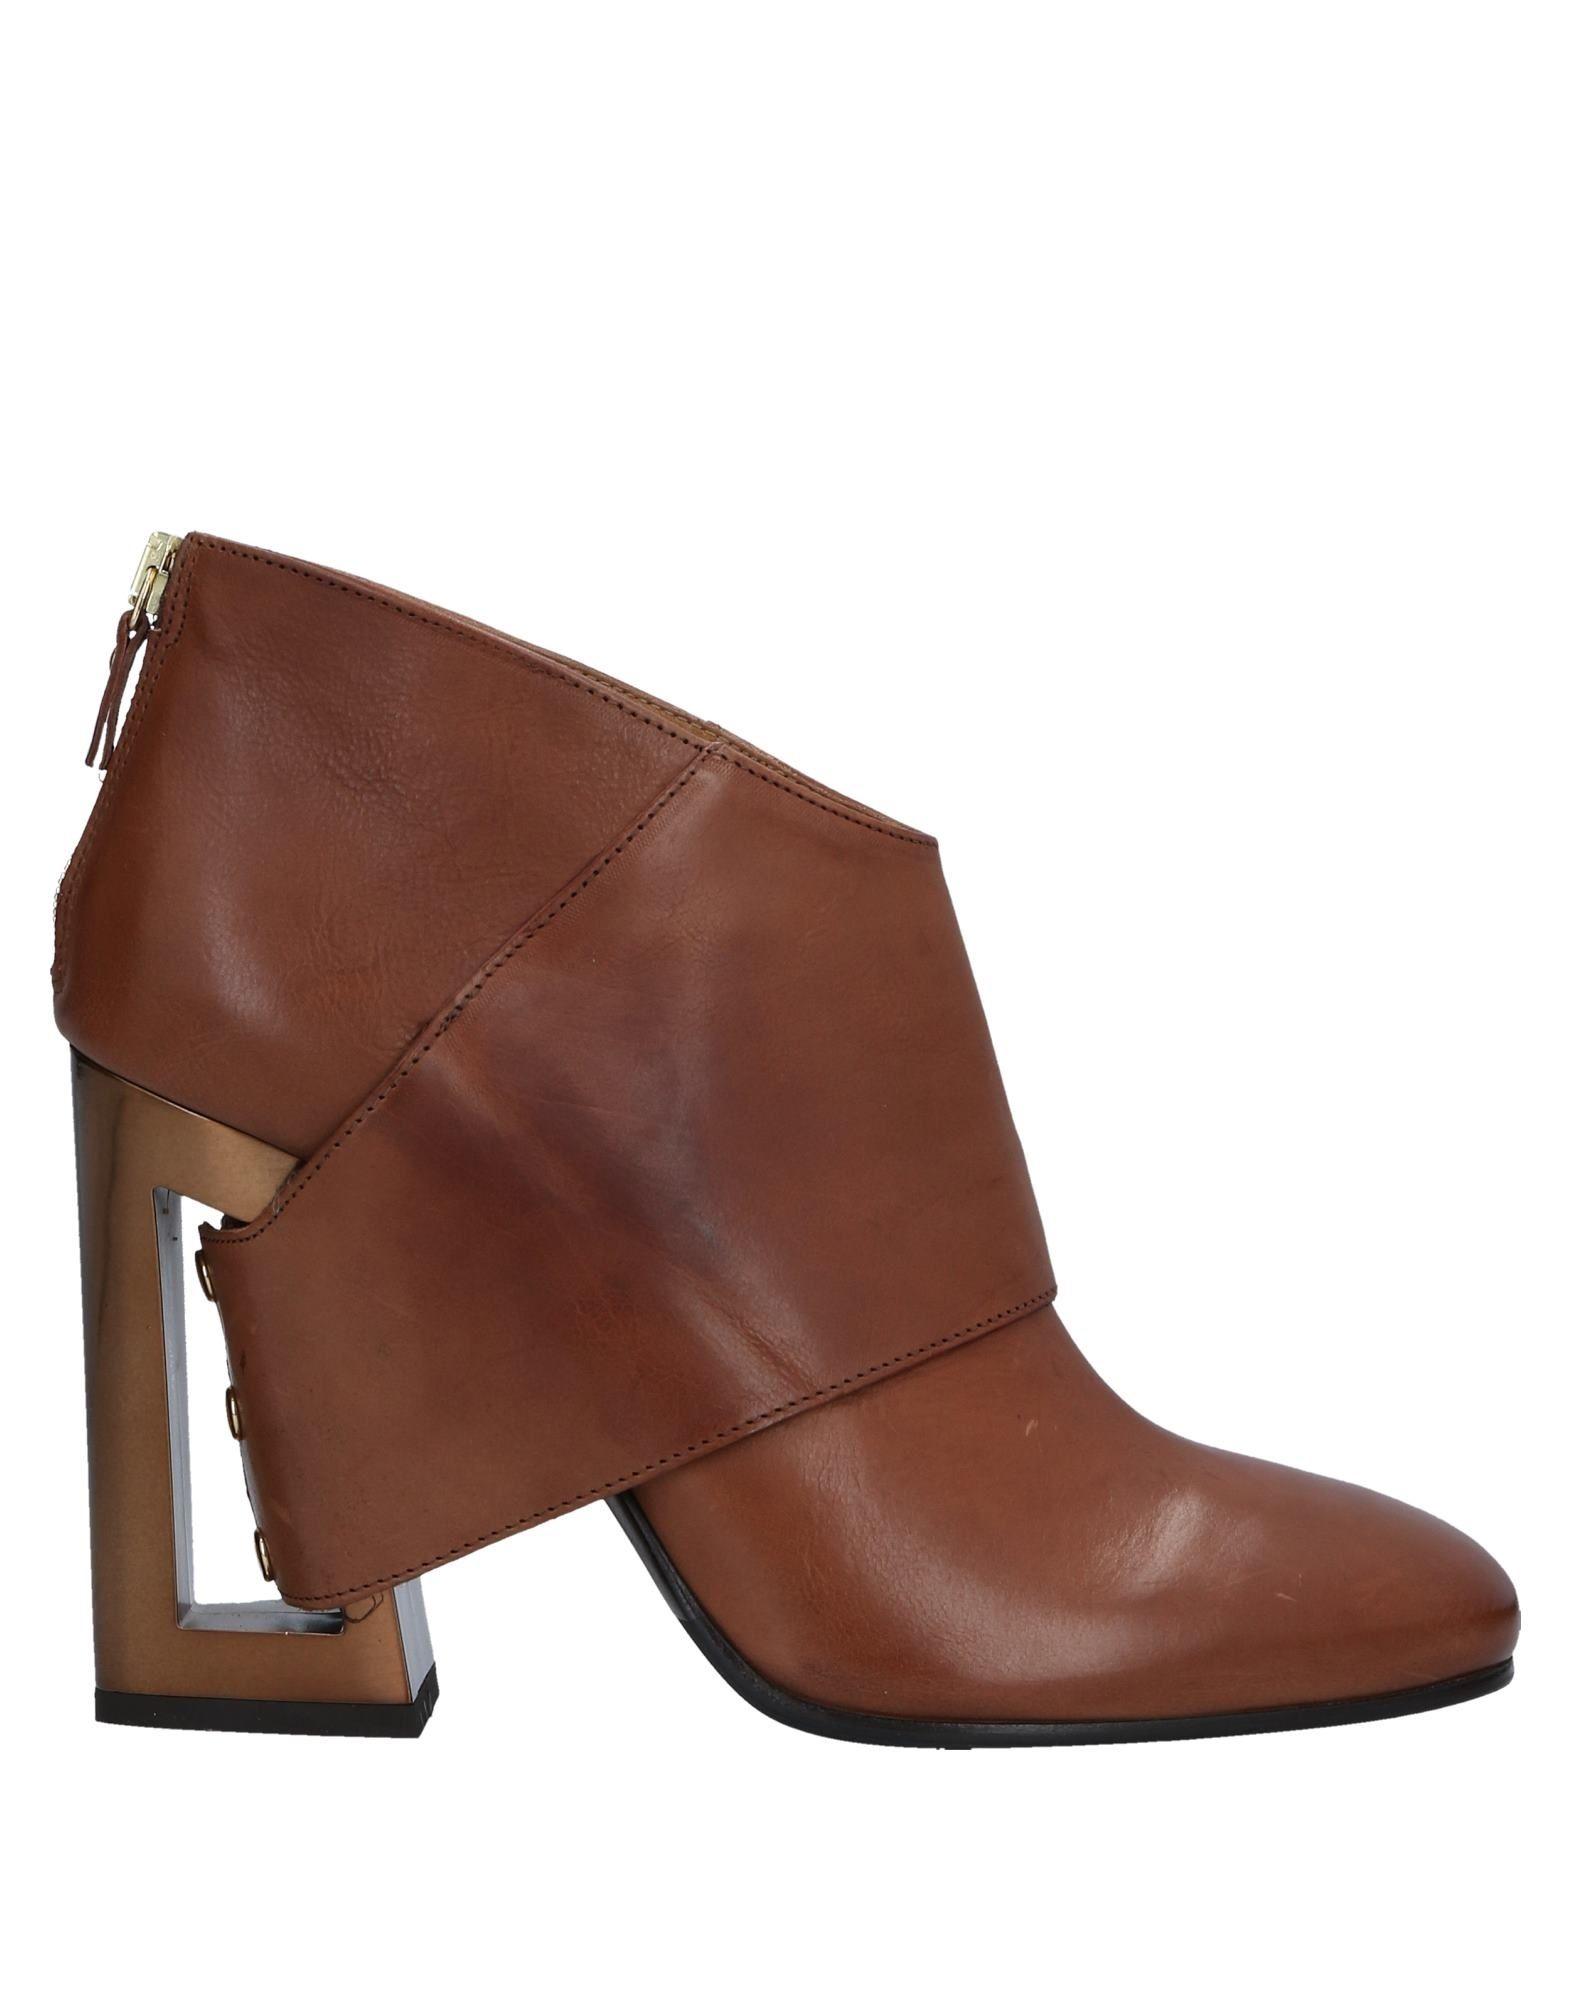 Vic Matiē Stiefelette Damen  11533278VRGut aussehende strapazierfähige Schuhe